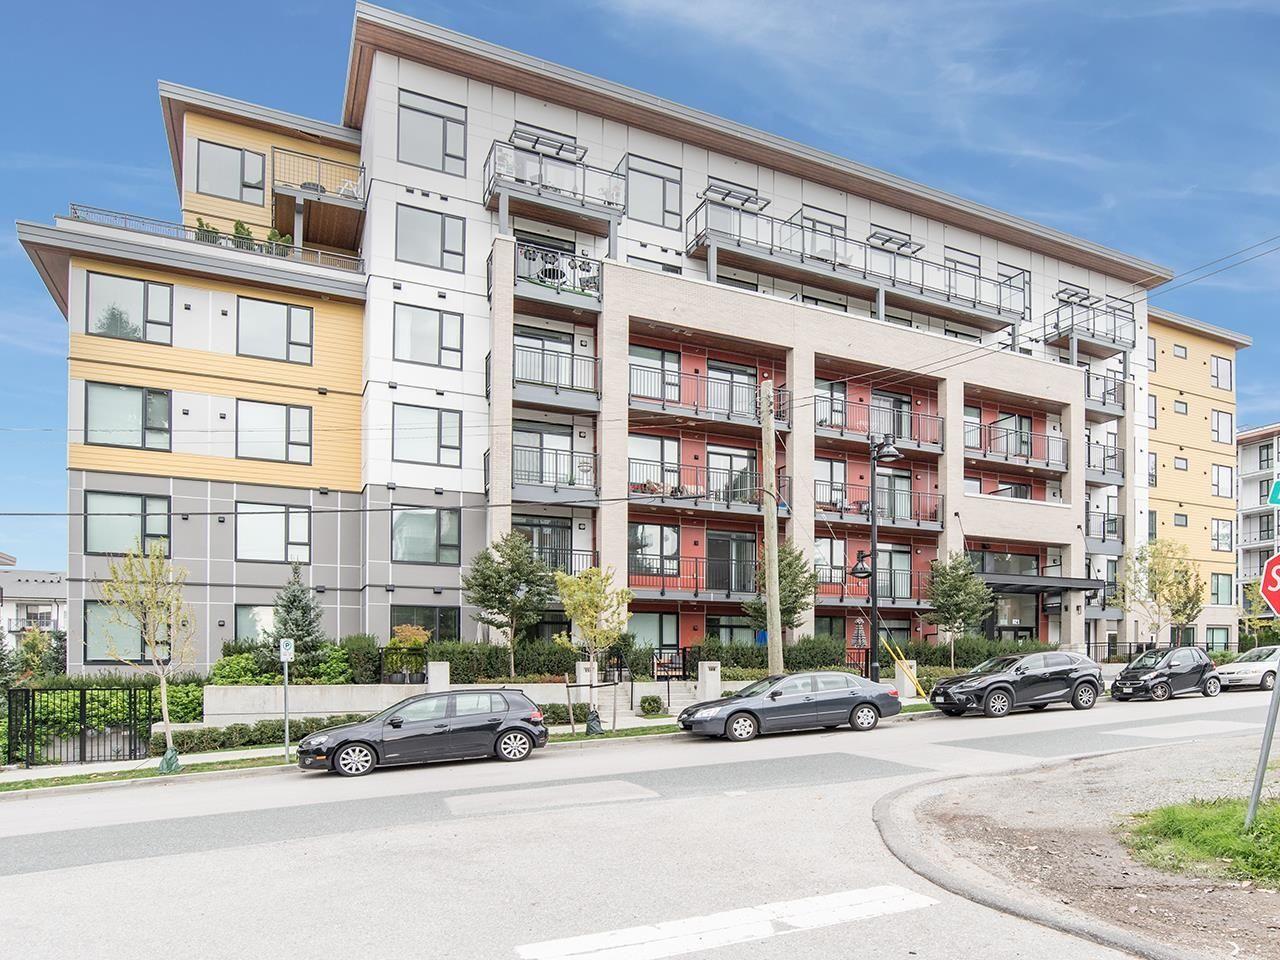 """Main Photo: 509 621 REGAN Avenue in Coquitlam: Central Coquitlam Condo for sale in """"Simon 2"""" : MLS®# R2624118"""